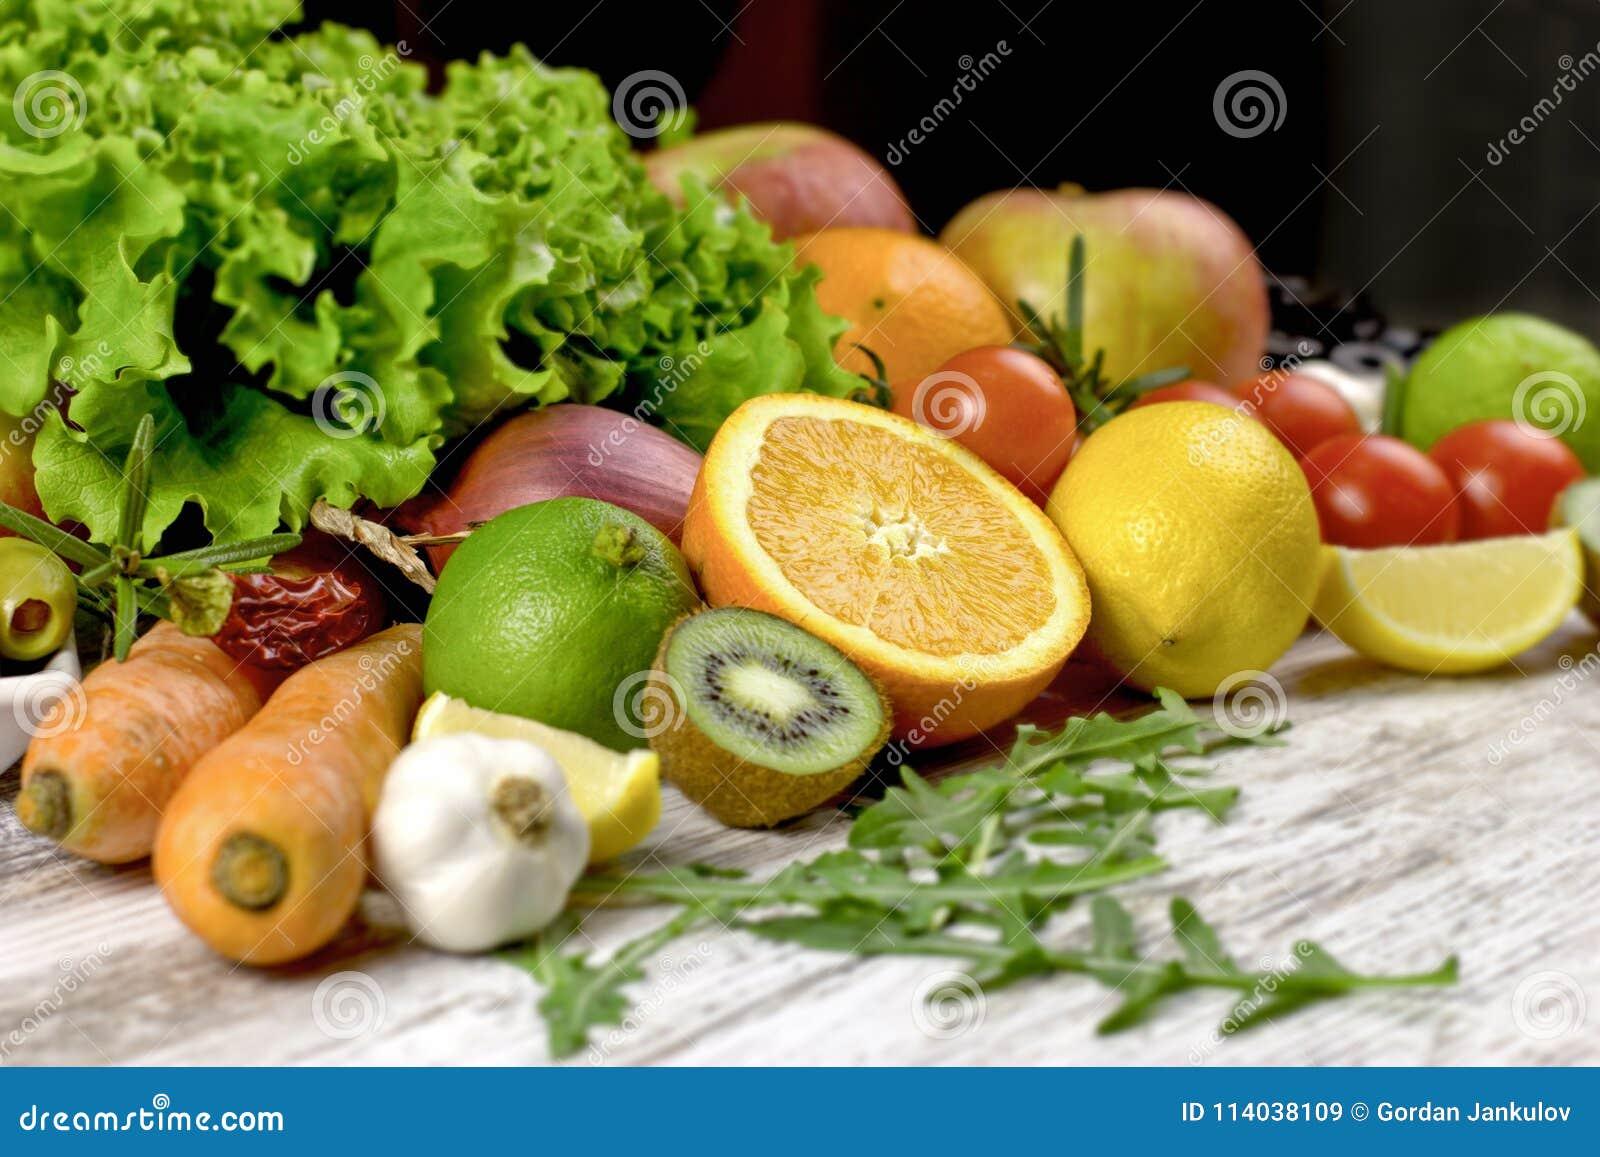 Gesunde Ernahrung Gesunde Diat Organisches Obst Und Gemuse